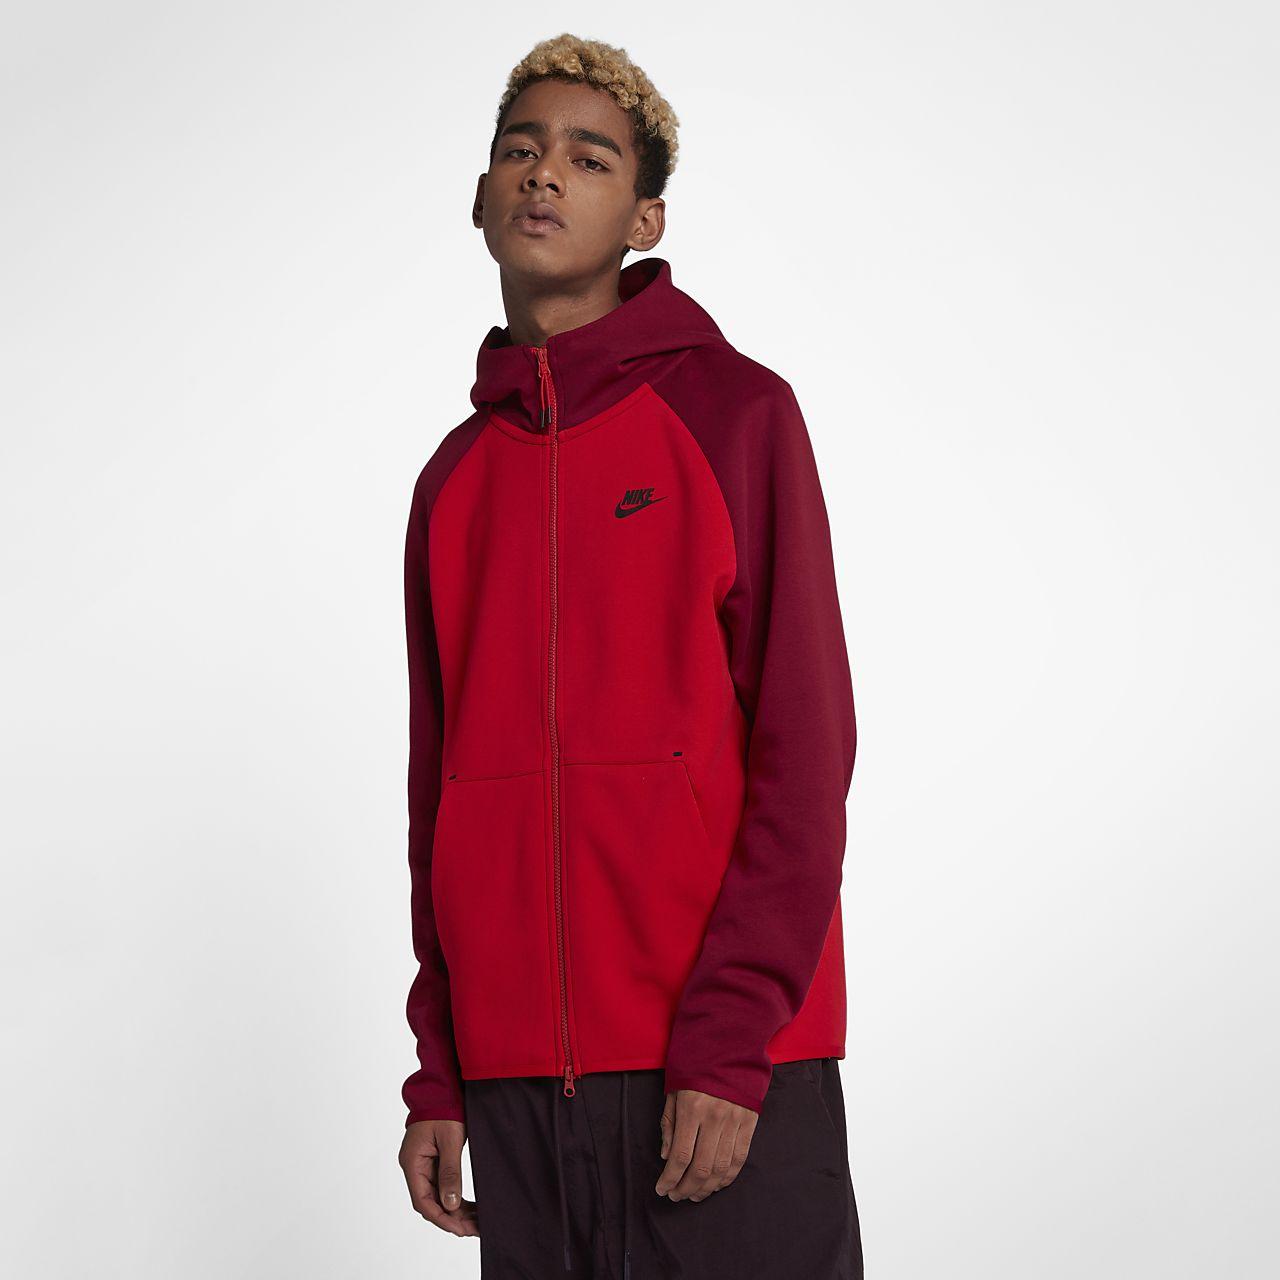 2faf1caf3357 Nike Sportswear Tech Fleece Men s Full-Zip Hoodie. Nike.com LU